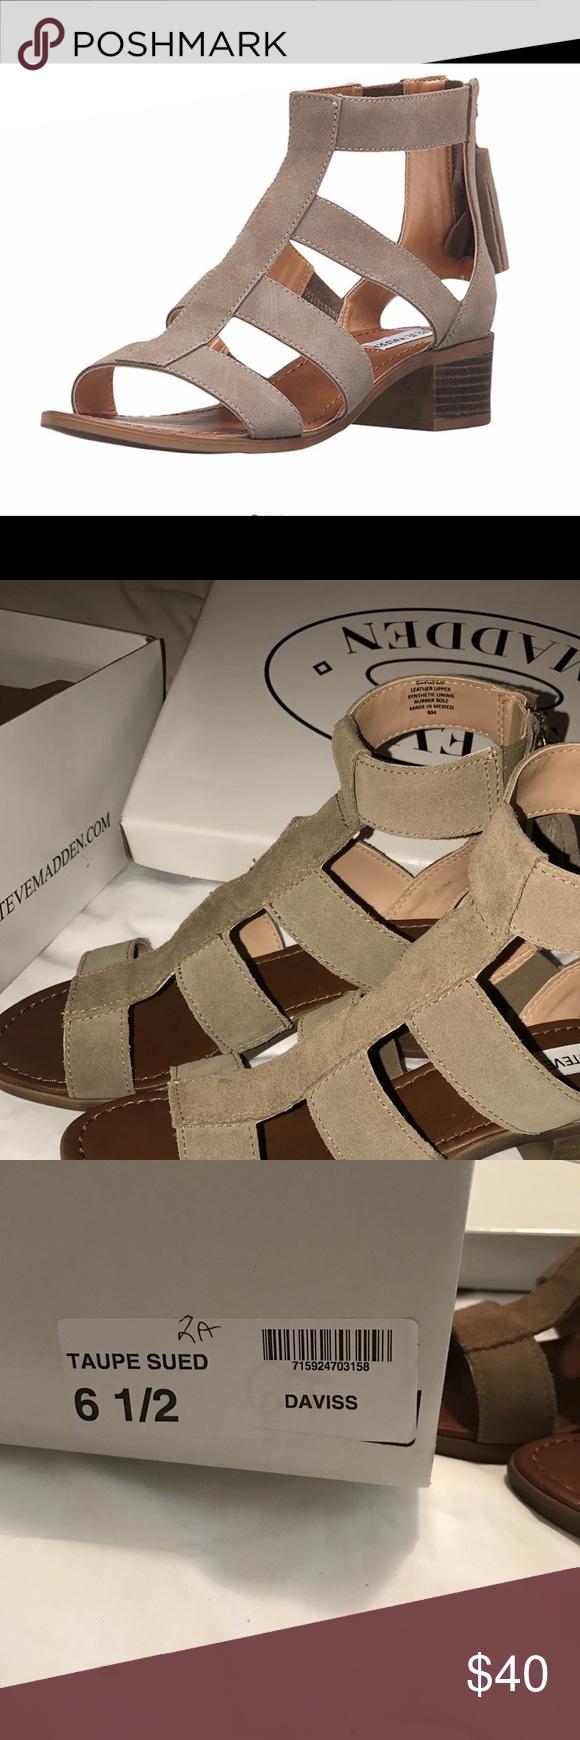 8f75bf58342c 6.5  STEVE MADDEN DAVISS GLADIATOR SANDAL In style suede Steve Madden Sandal  with tassel zip backing Steve Madden Shoes Sandals